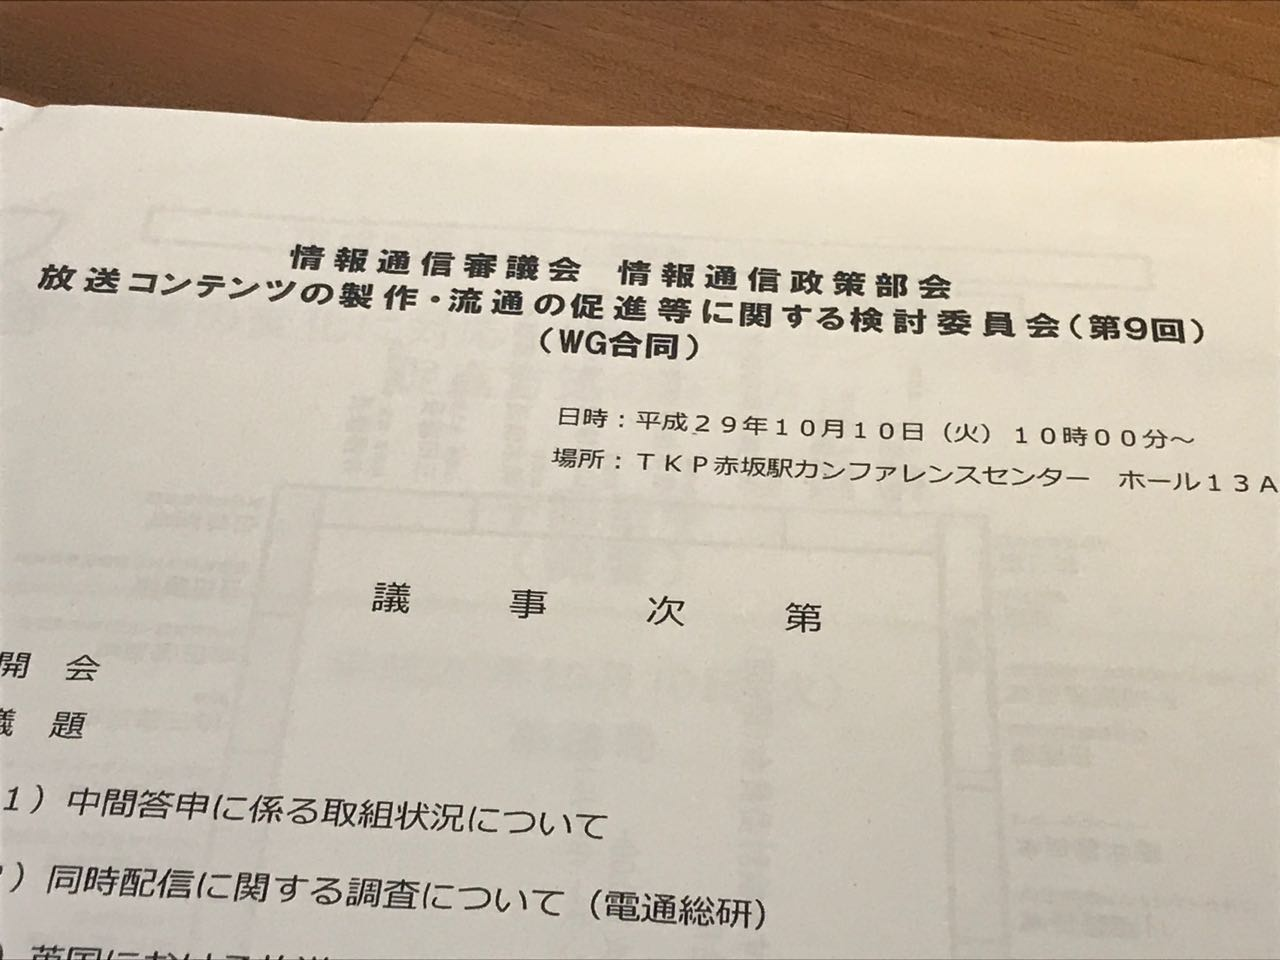 三歩下がって一歩だけ進んだ、同時配信〜情報通信審議会で権利処理タスクフォースを発表〜